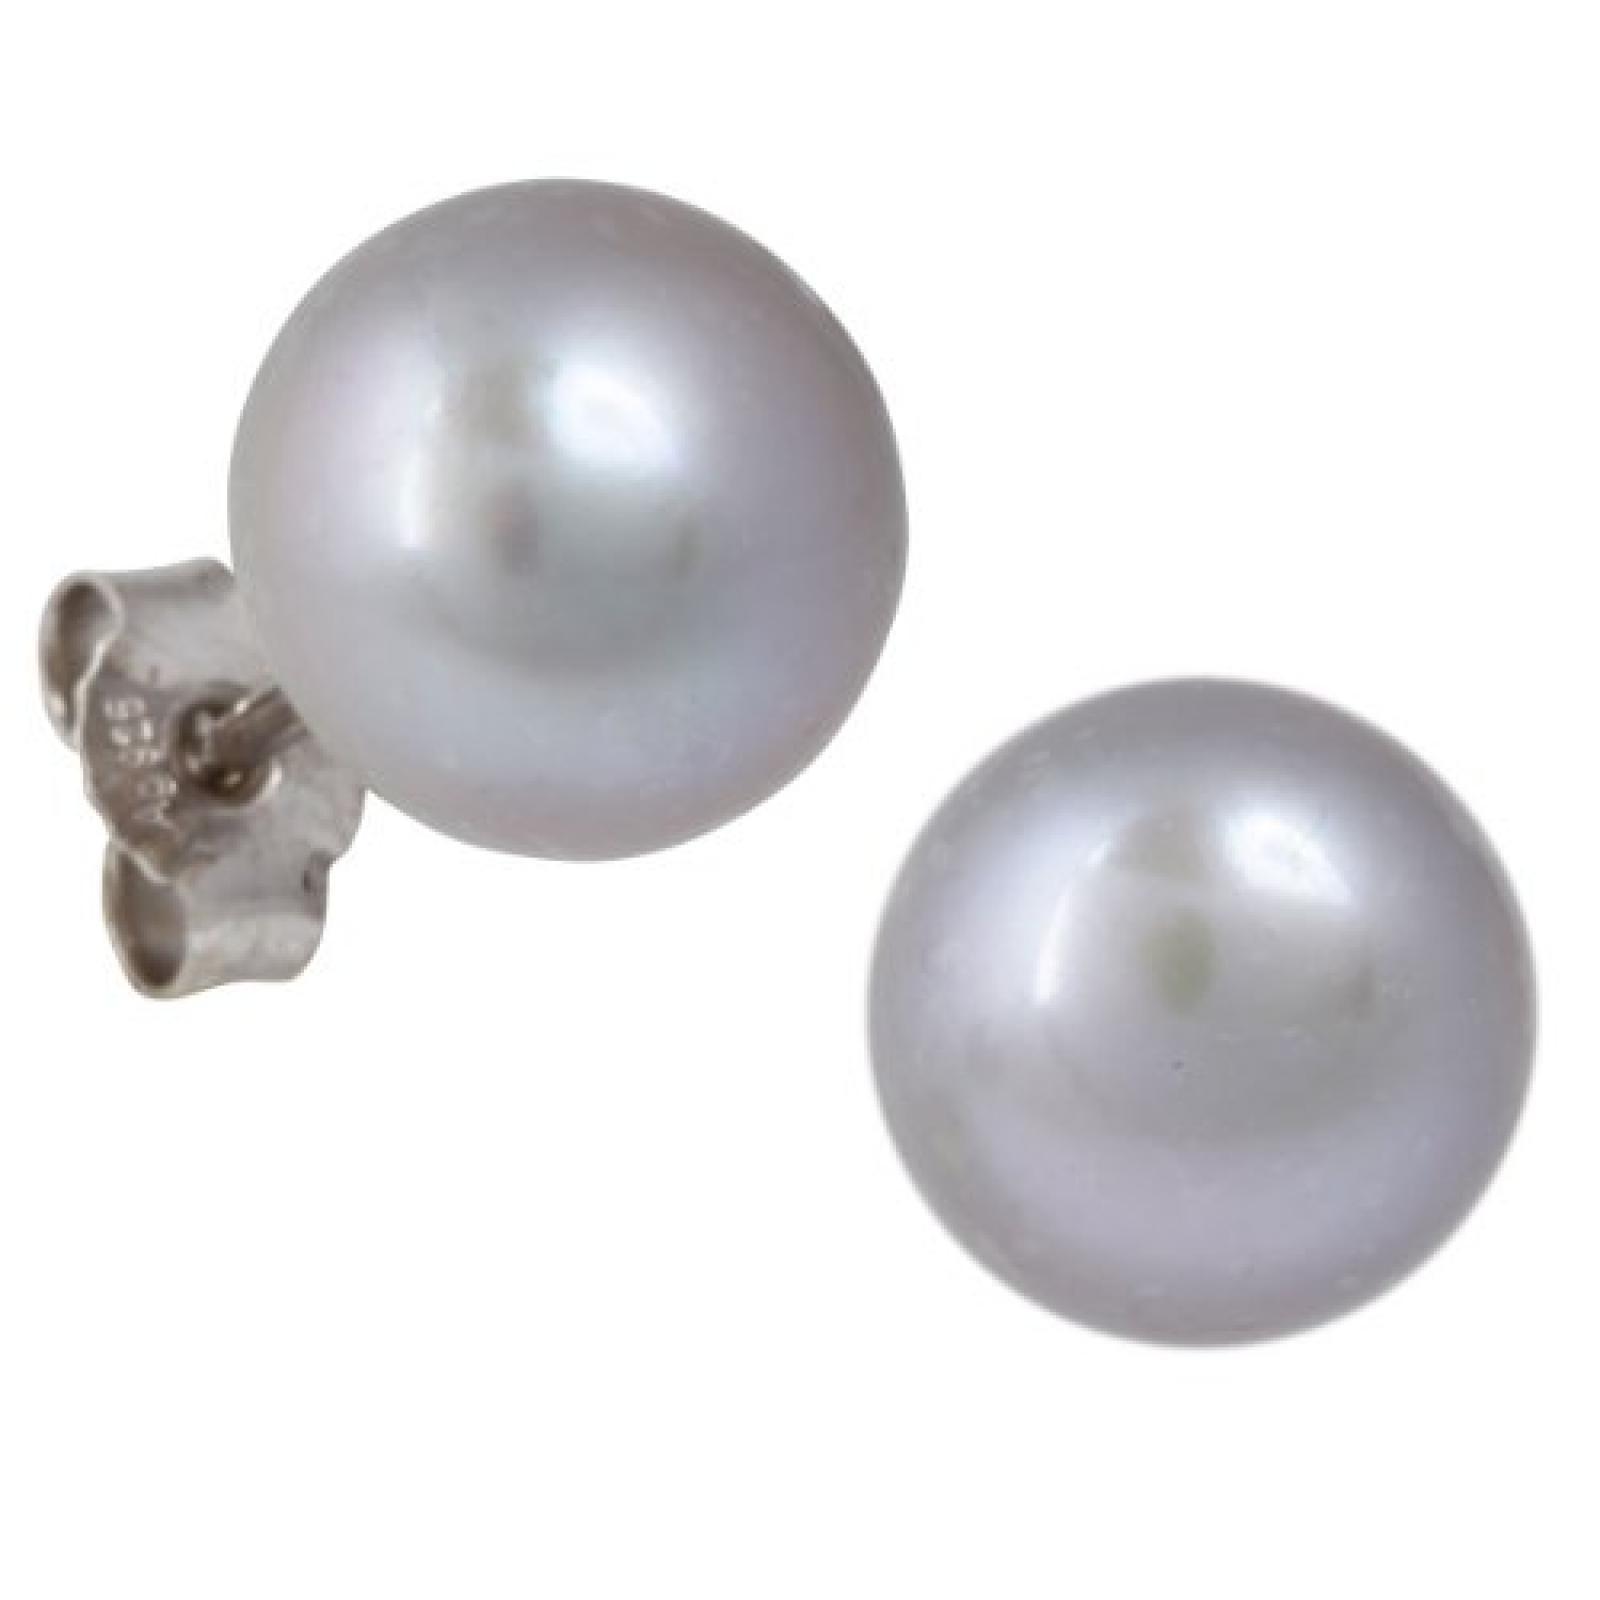 Bella Donna Damen Perlen-Ohrstecker 925/000 Silber 2 Süßwasserzucht-Perlen grau Button 10,0 - 10,5 mm 656307